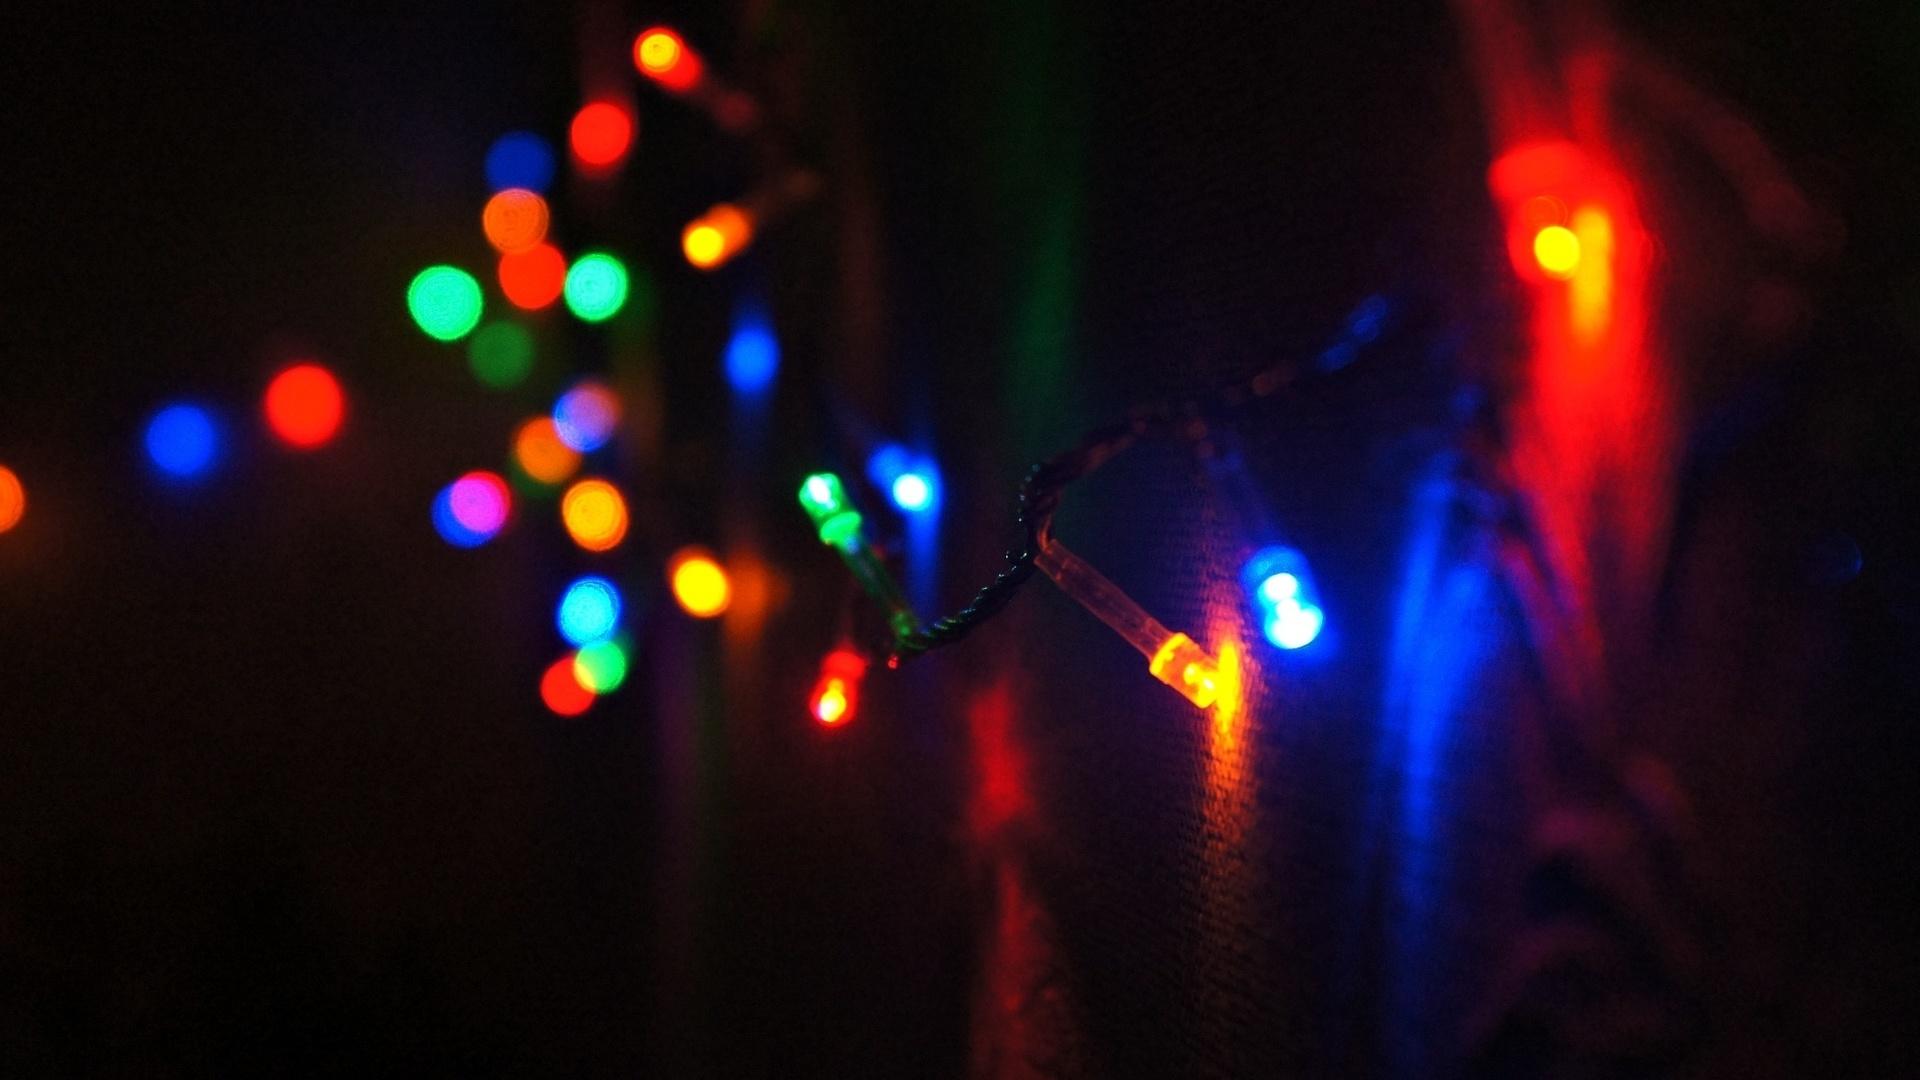 информационных, офисных, красивые картинки с цветным фонарем тех, кто потерялся